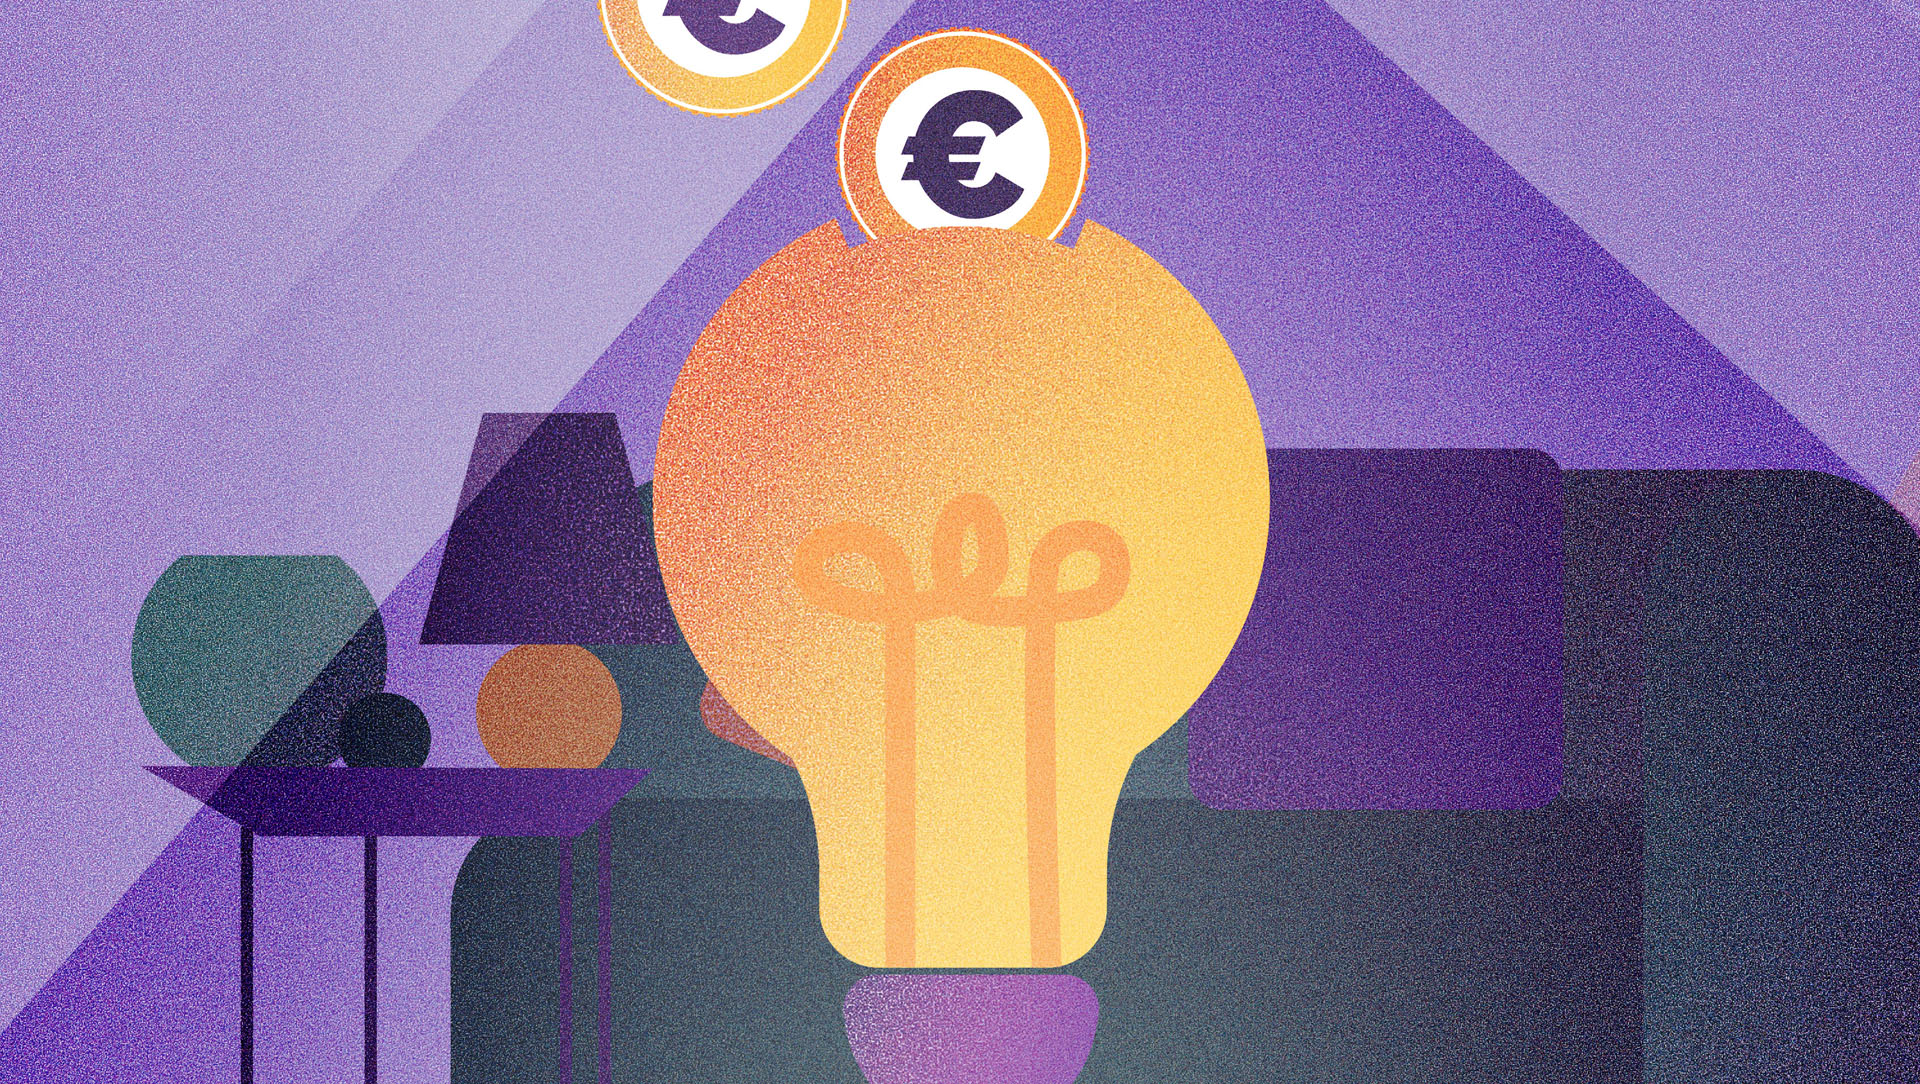 diseño de ilustracion para ilustrar post sobre ahorro energetico kasaz portal inmobiliario diseño grafico